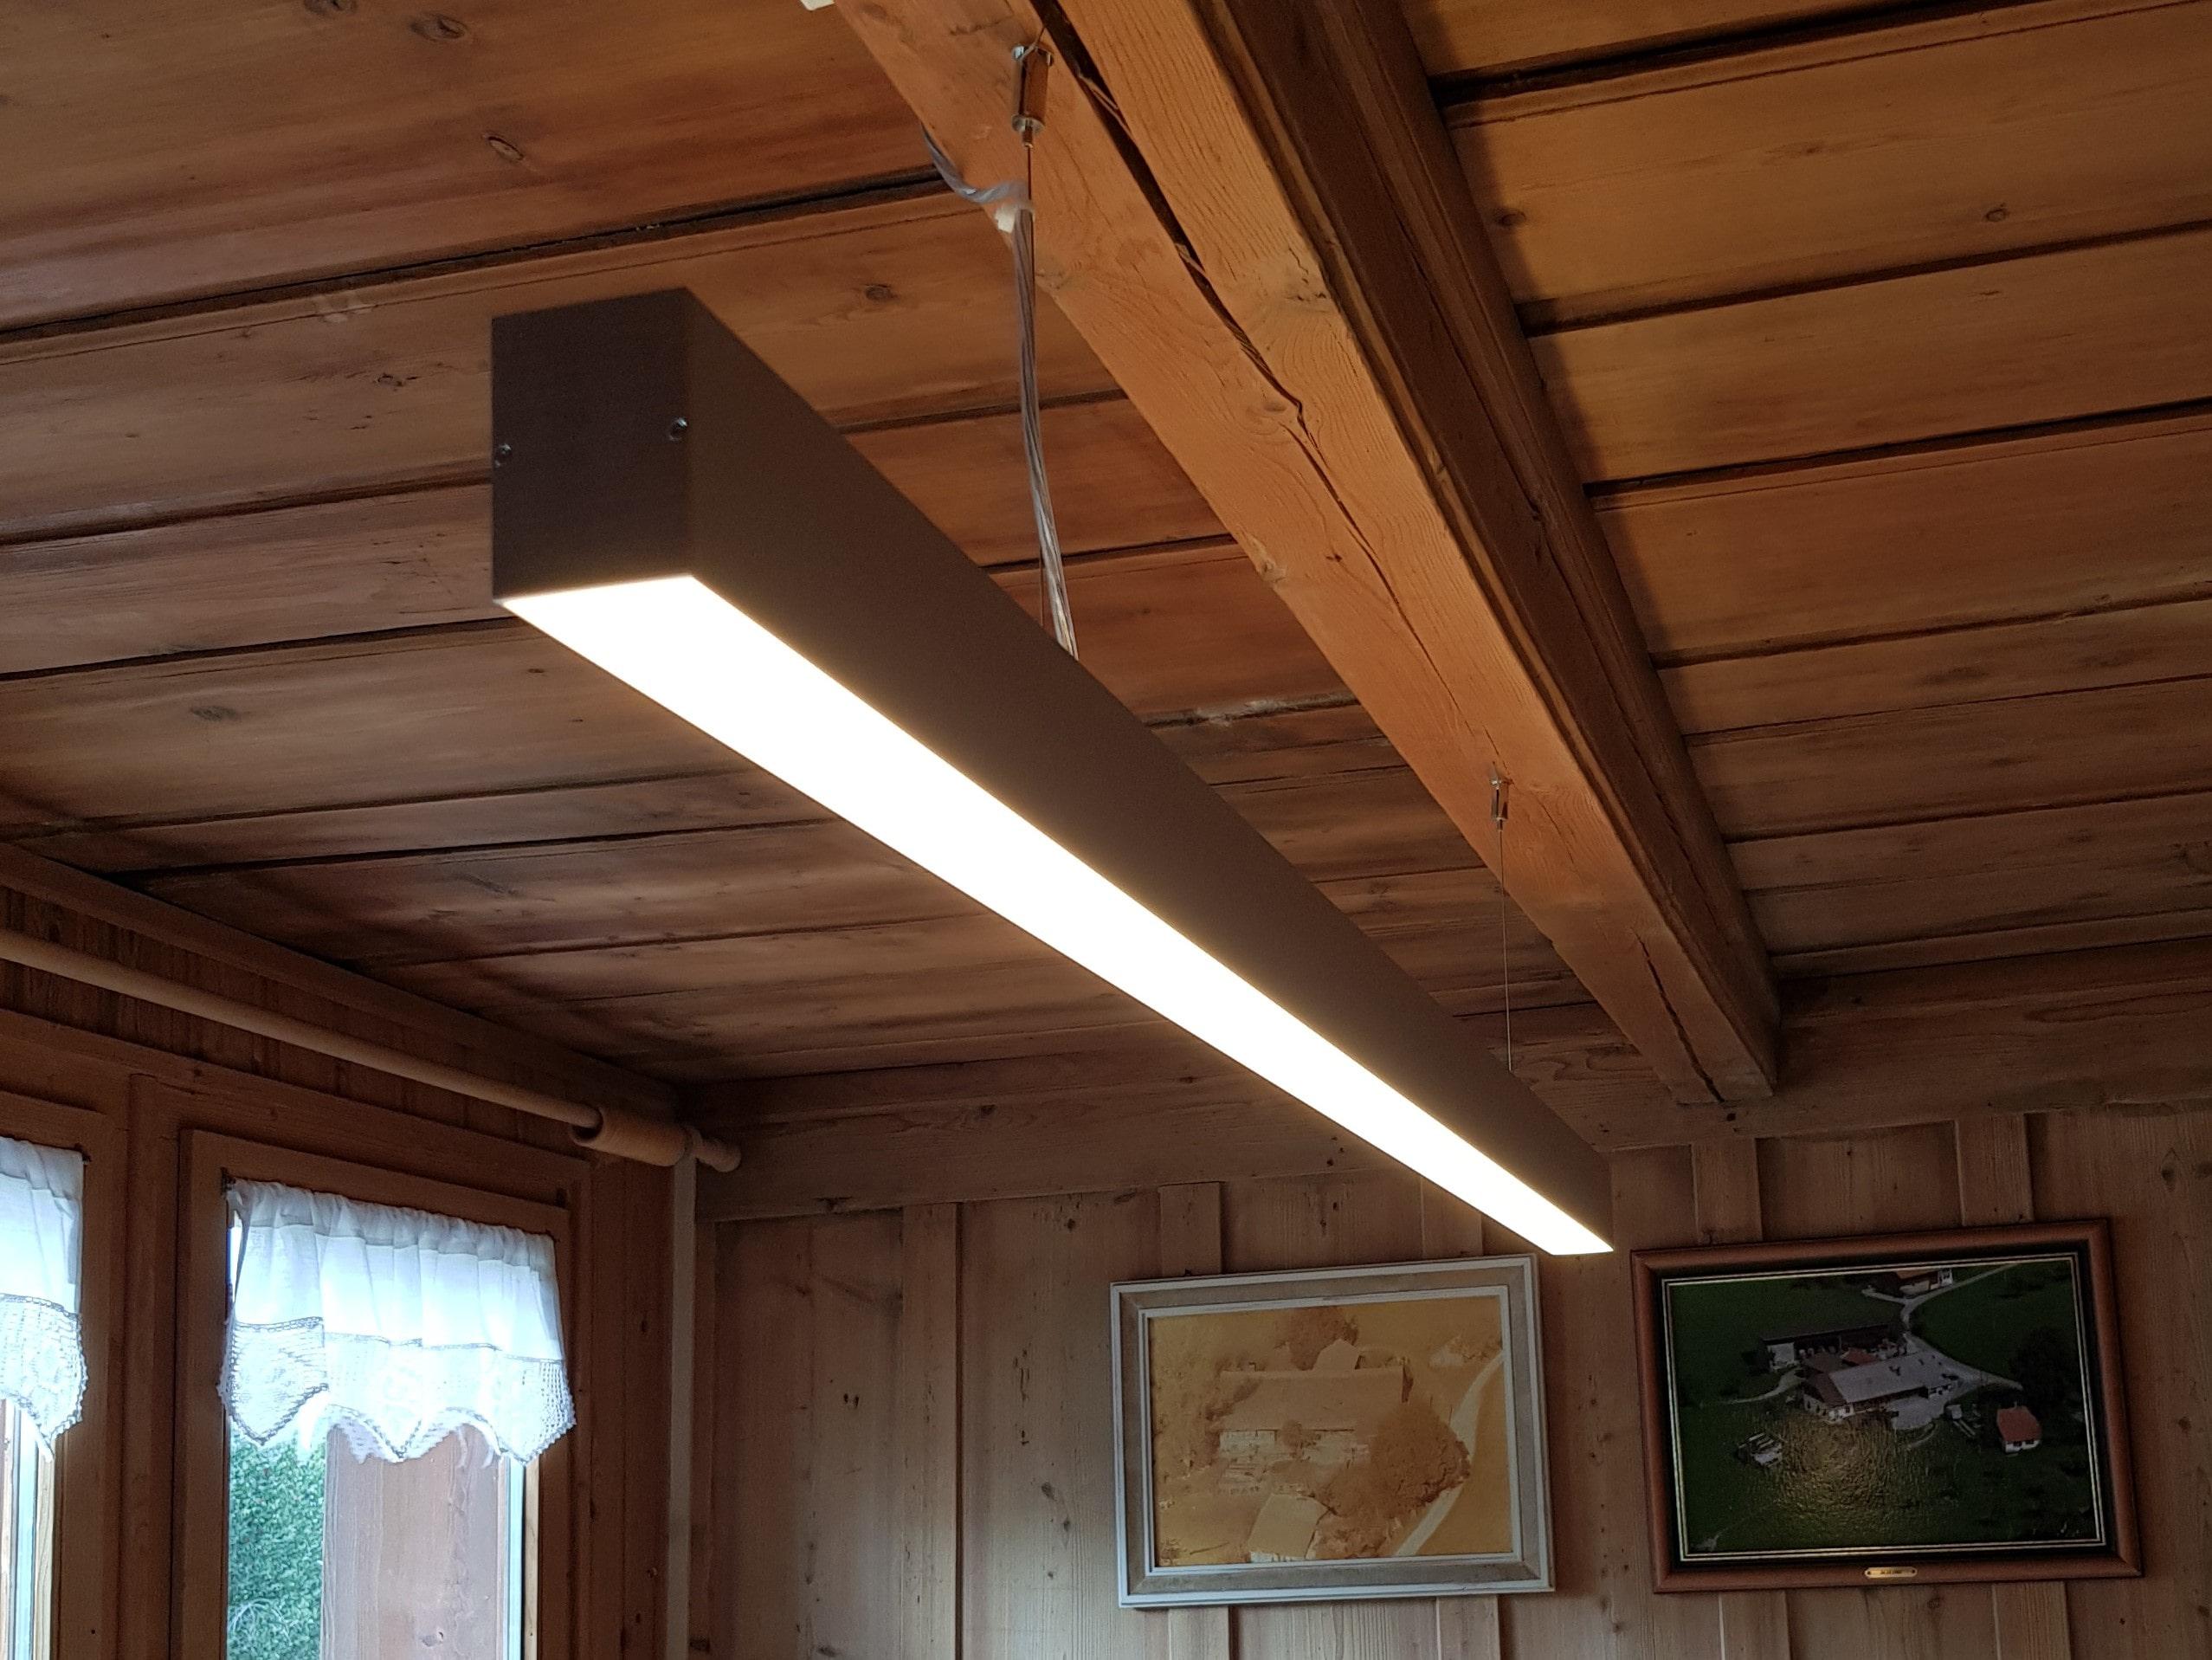 Wooddesign_Holzleuchten_LED-Beleuchtung_Licht_Indirekte Beleuchtung_Direkte Beleuchtung_Holzdesign (17)-min